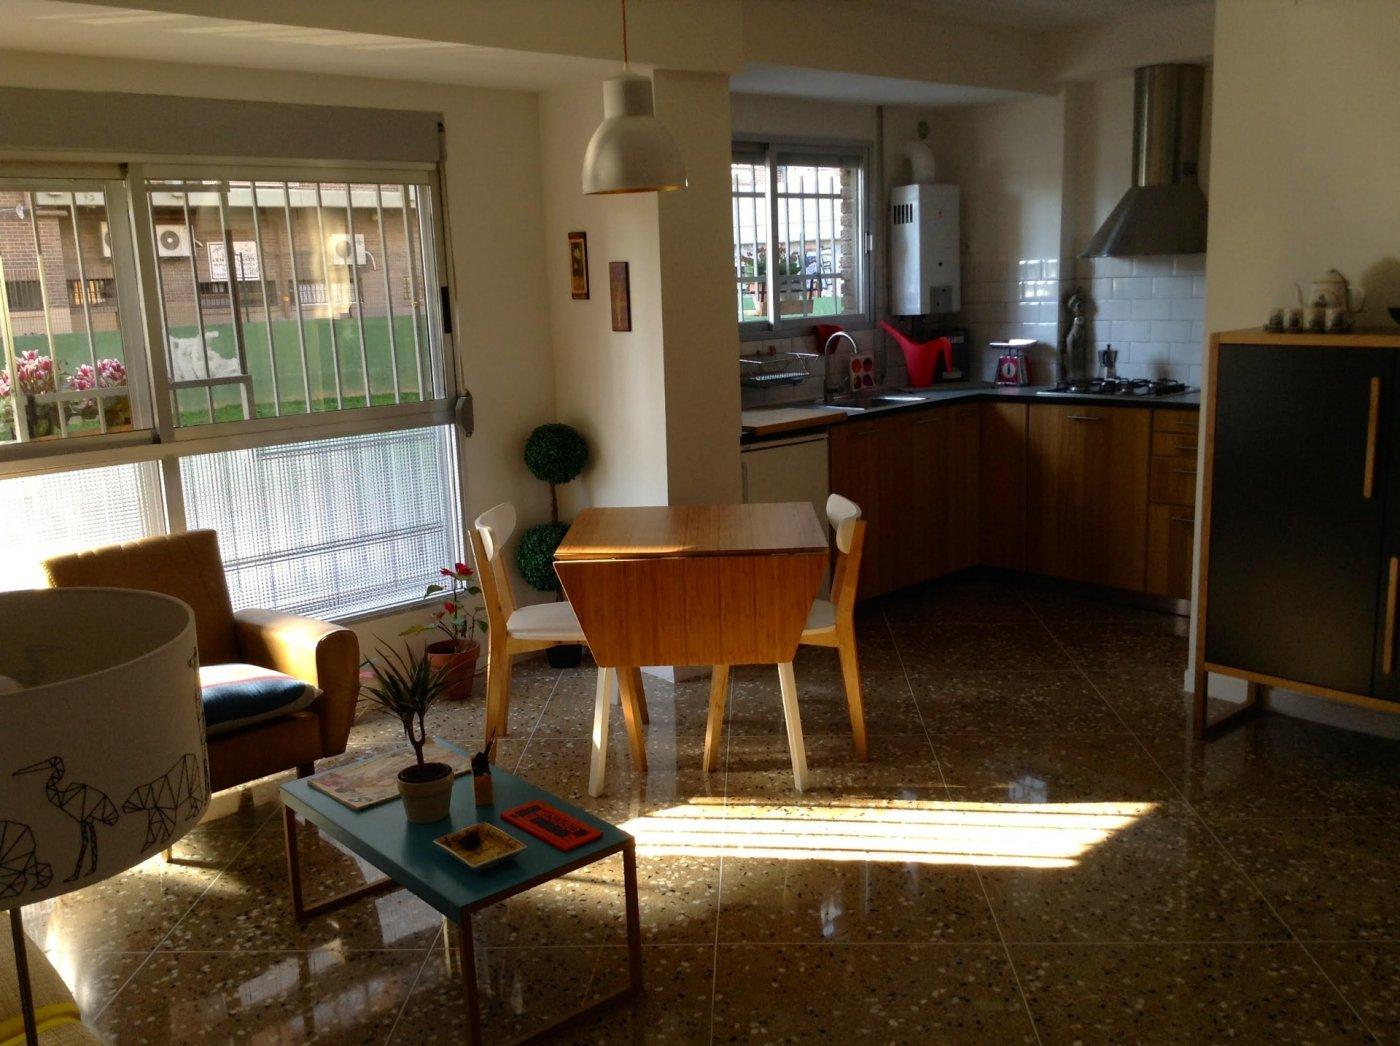 Alquiler de piso en valencia - imagenInmueble0